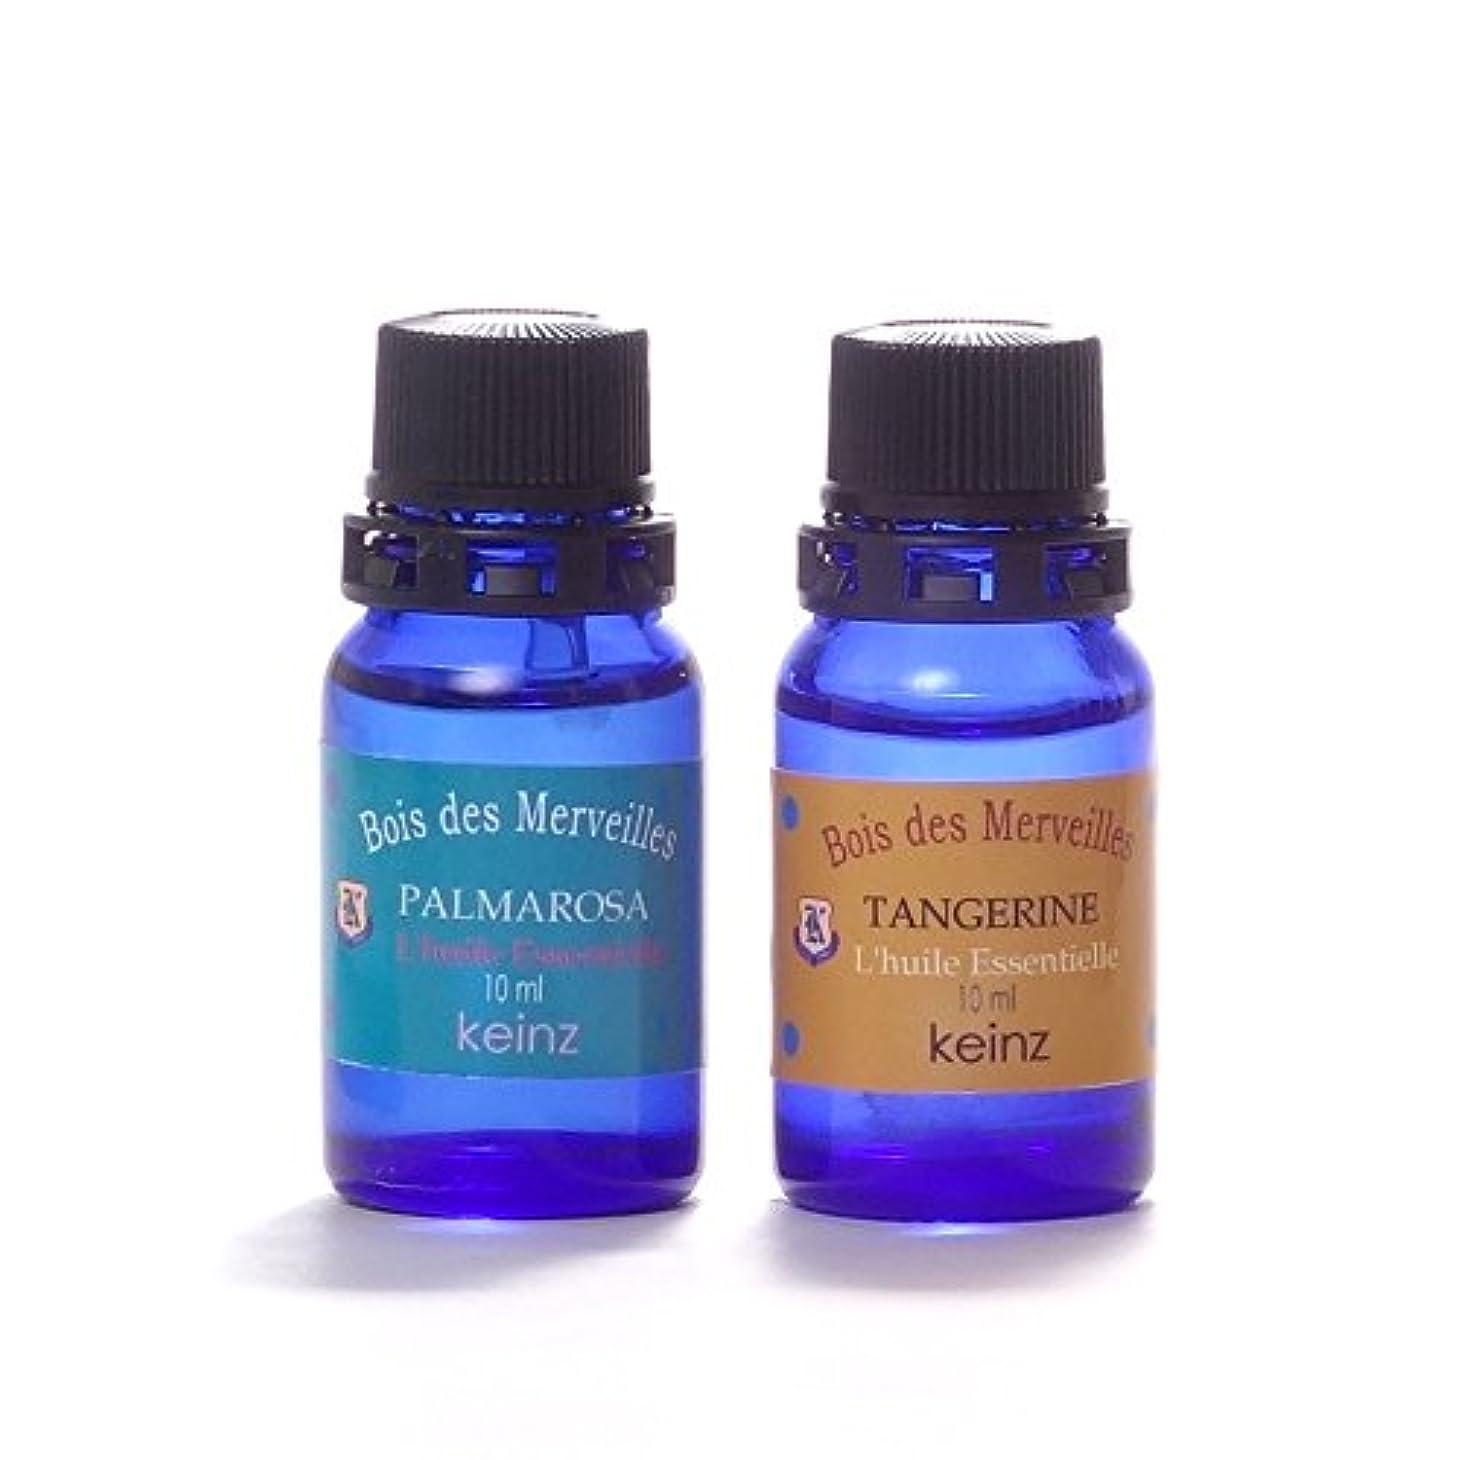 方向音外観keinzエッセンシャルオイル「パルマローザ10ml&タンジェリン10ml」2種1セット ケインズ正規品 製造国アメリカ 水蒸気蒸留法(タンジェリンは圧搾法)による100%無添加精油 人工香料は使っていません。